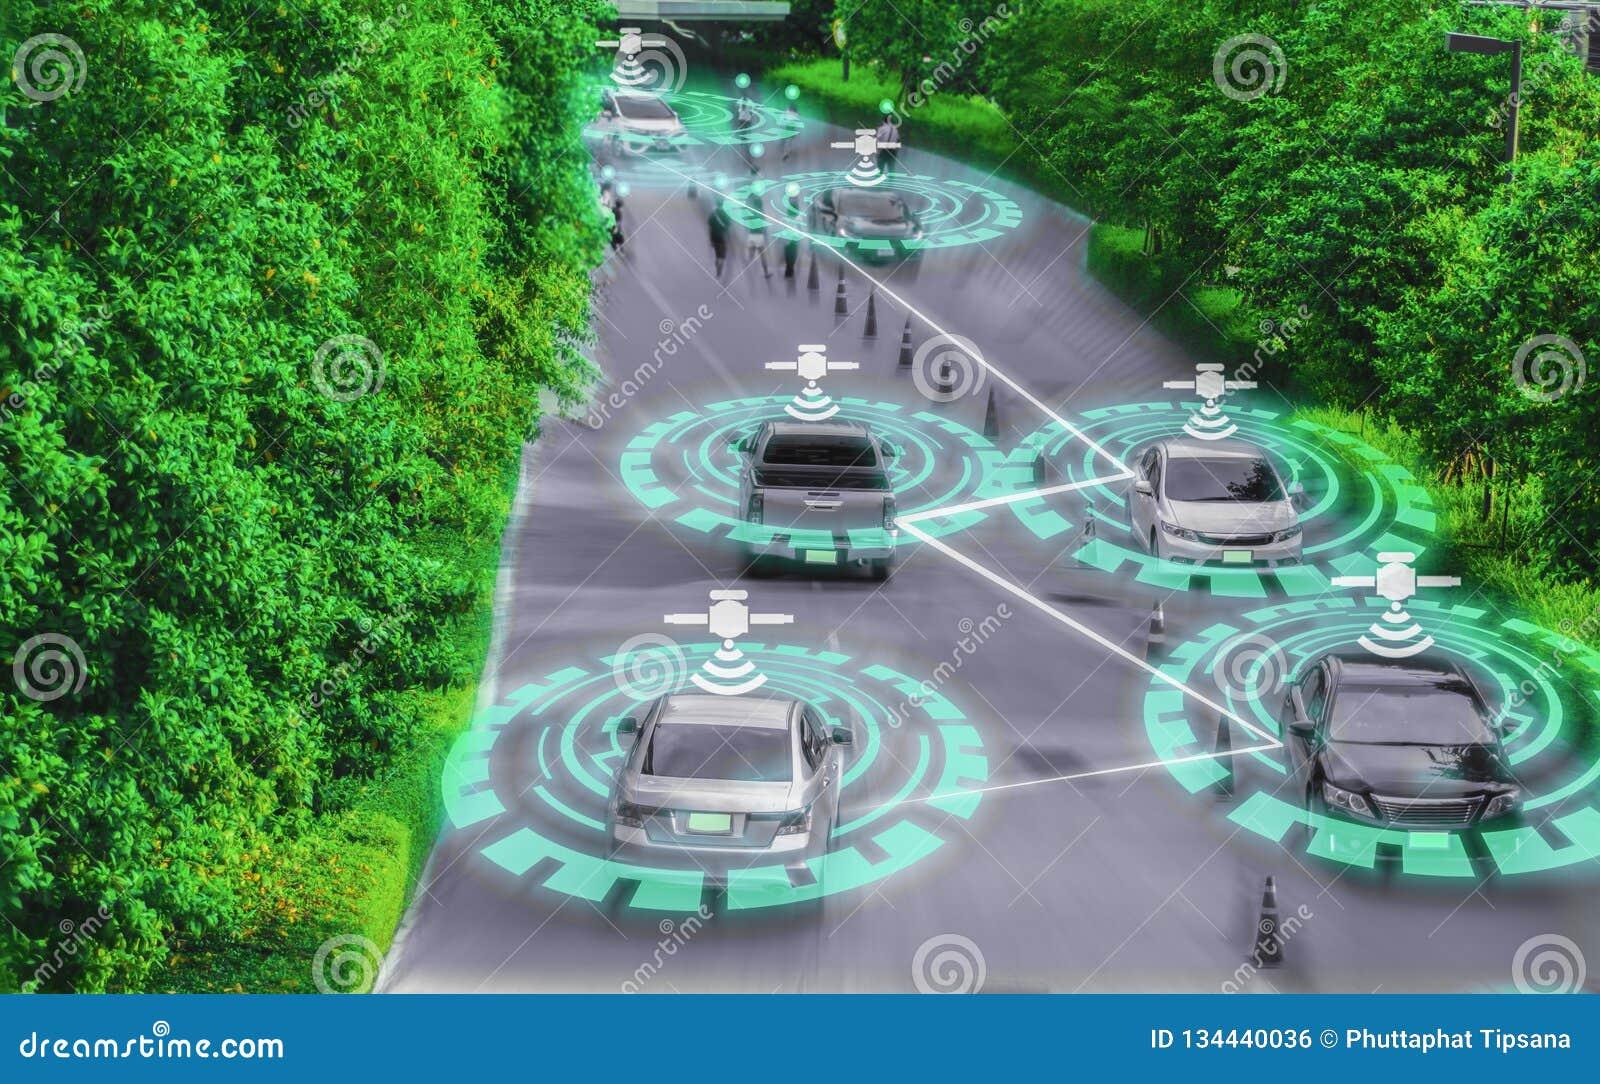 Genio elegante futurista del coche para el sistema de inteligencia de conducción, artificial inteligente del uno mismo AI, concep